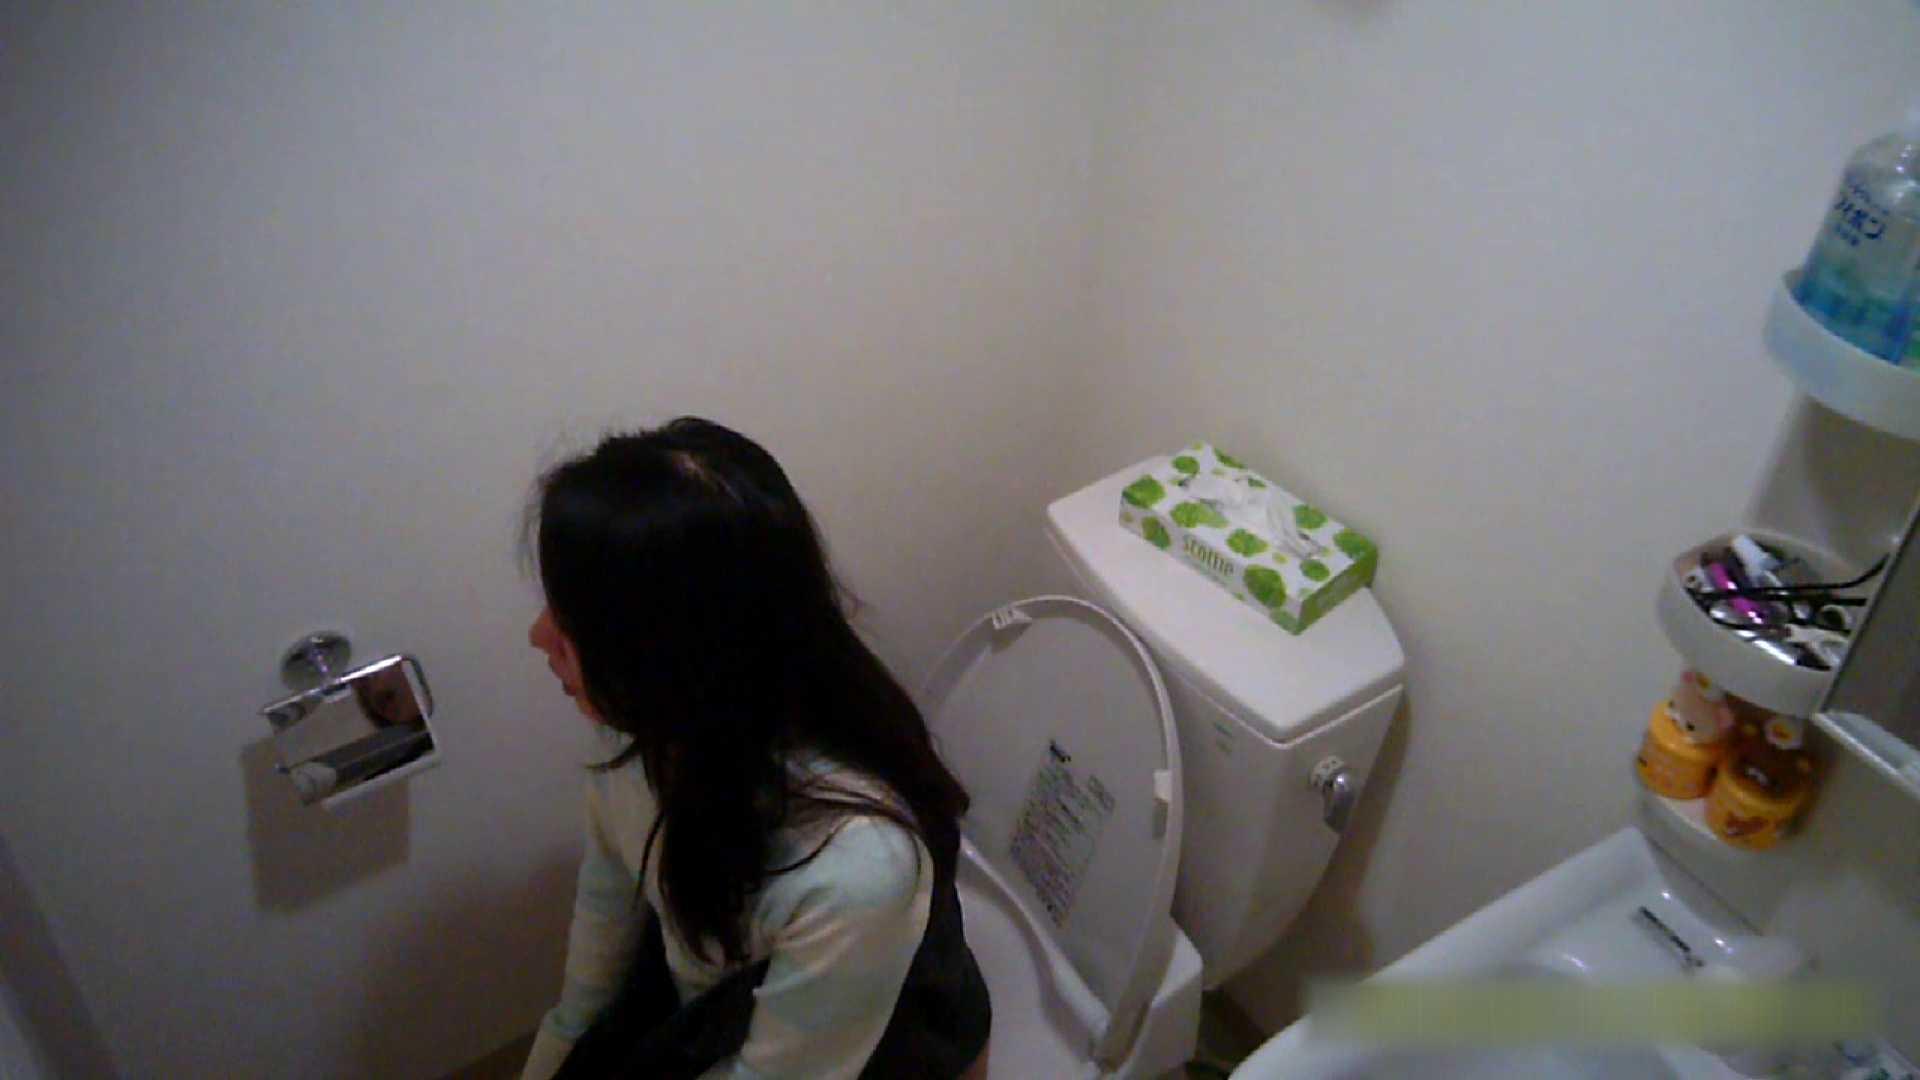 清楚な顔してかなり敏感なE子25歳(仮名)Vol.04 トイレ編 トイレのぞき 性交動画流出 62画像 27